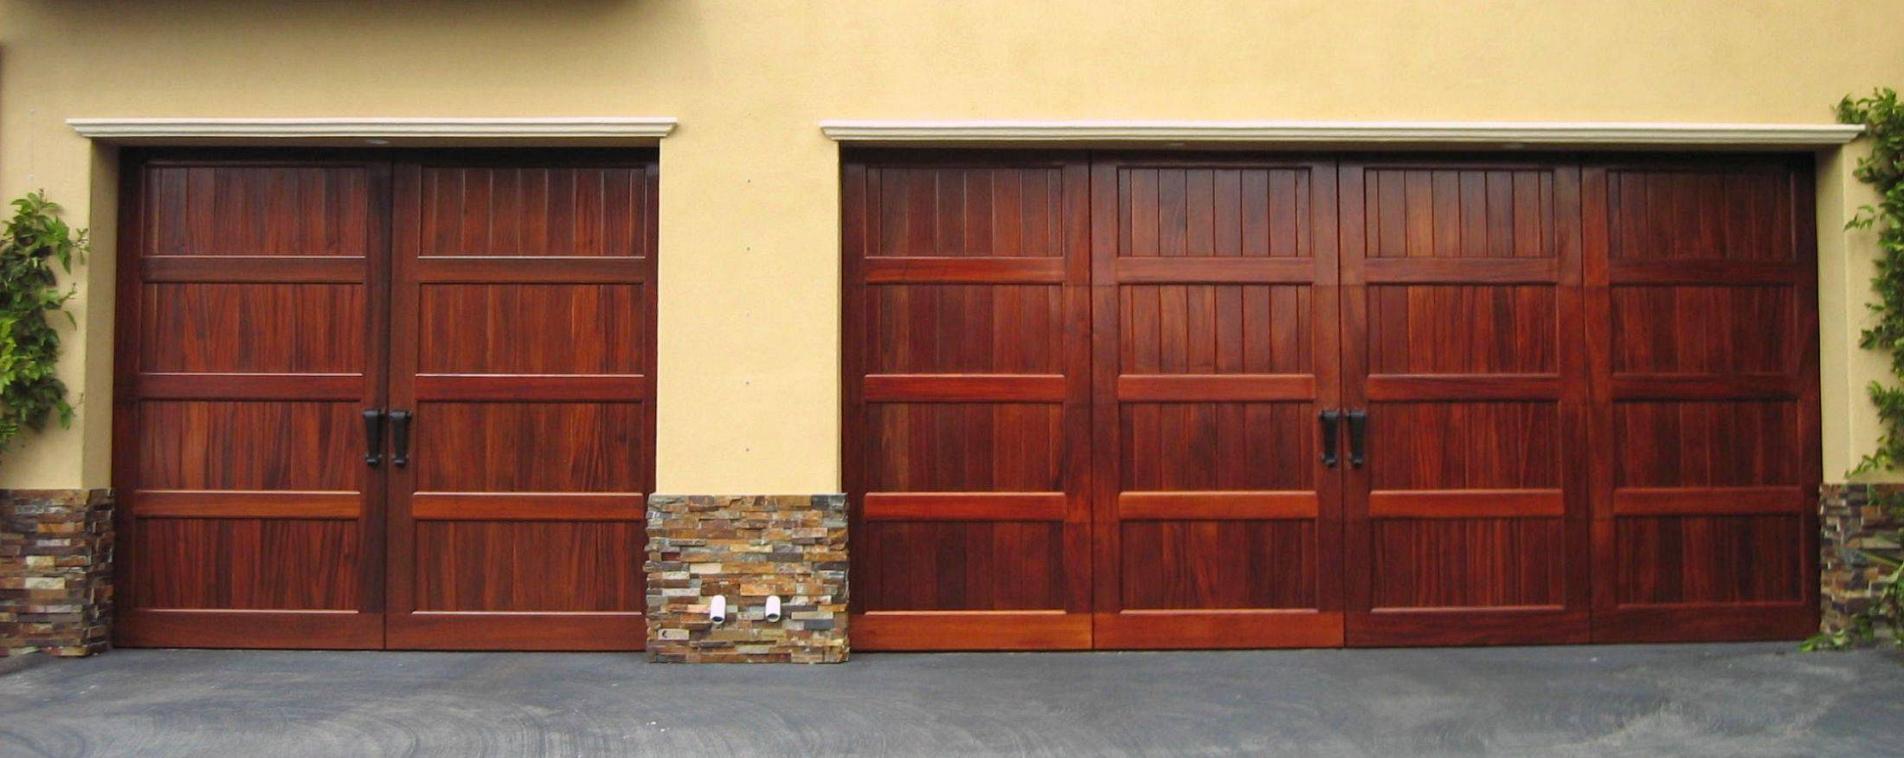 American garage door 24 hours local garage doors company for Local garage door